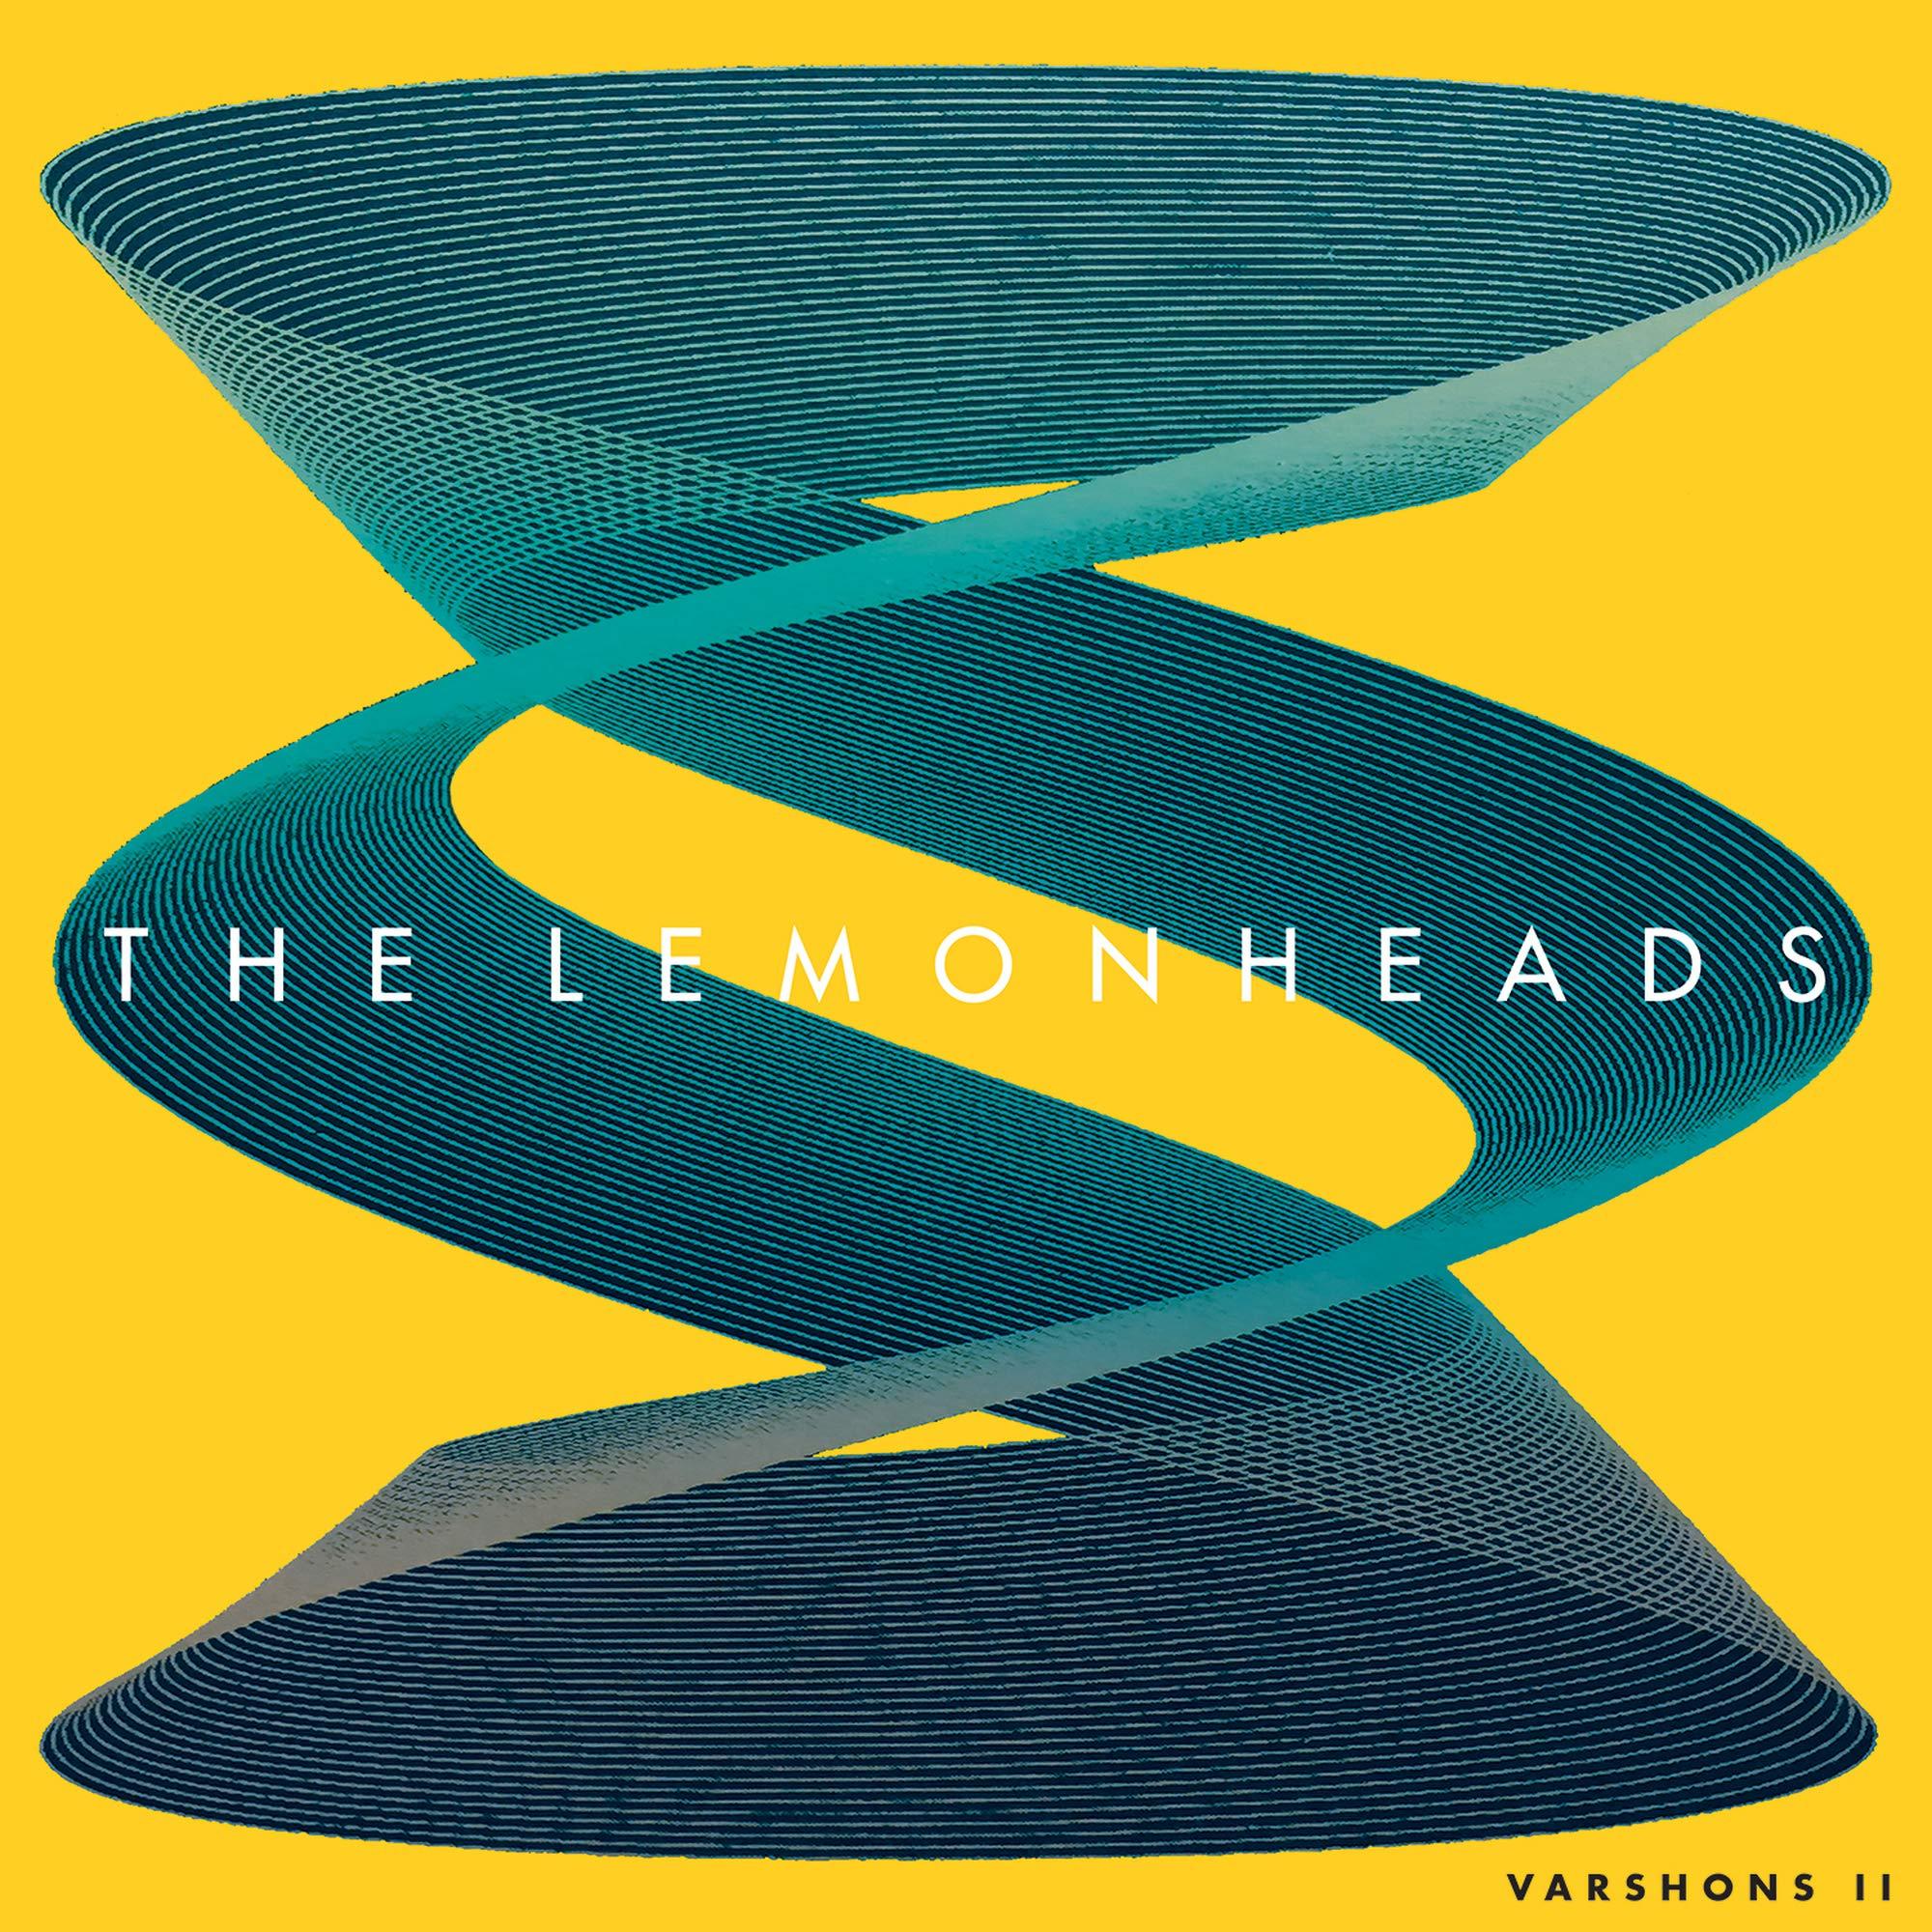 Vinilo : The Lemonheads - Varshons 2 (Colored Vinyl, Green, Indie Exclusive, Digital Download Card)